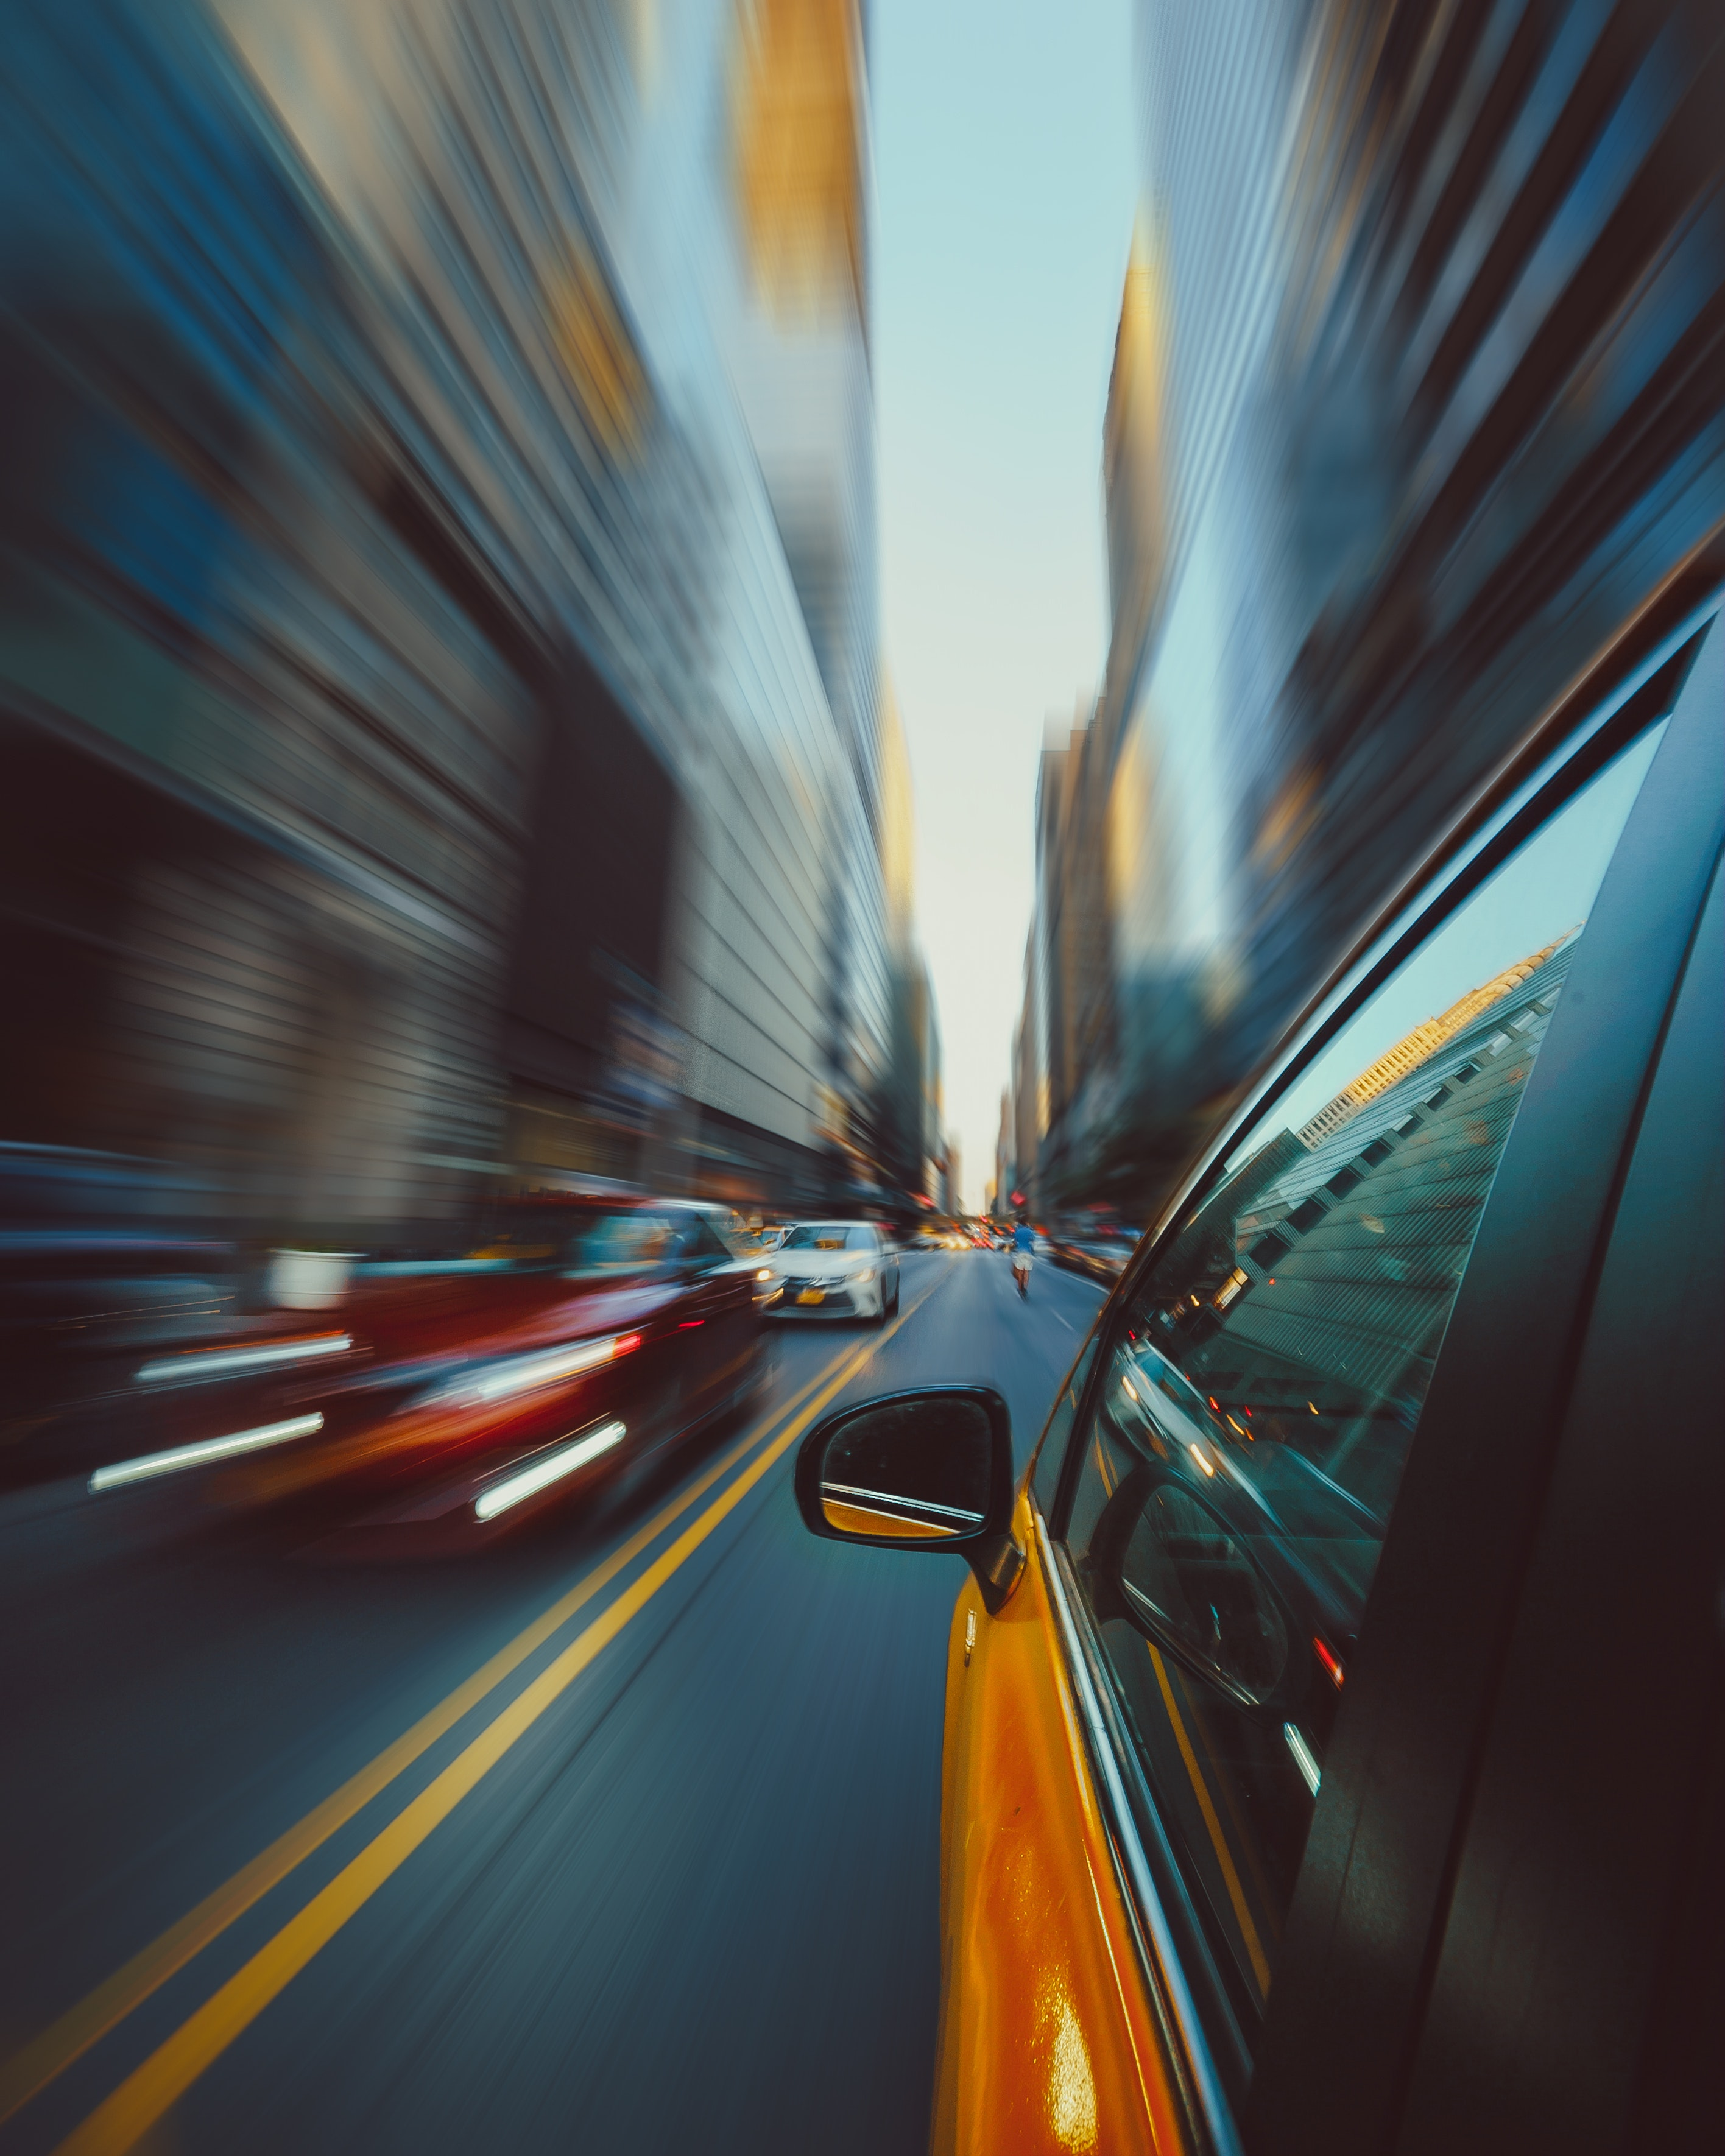 deductibilitatea cheltuielilor auto atunci când autoturismele firmei sunt folosite atât în interes de serviciu, cât și în interes personal